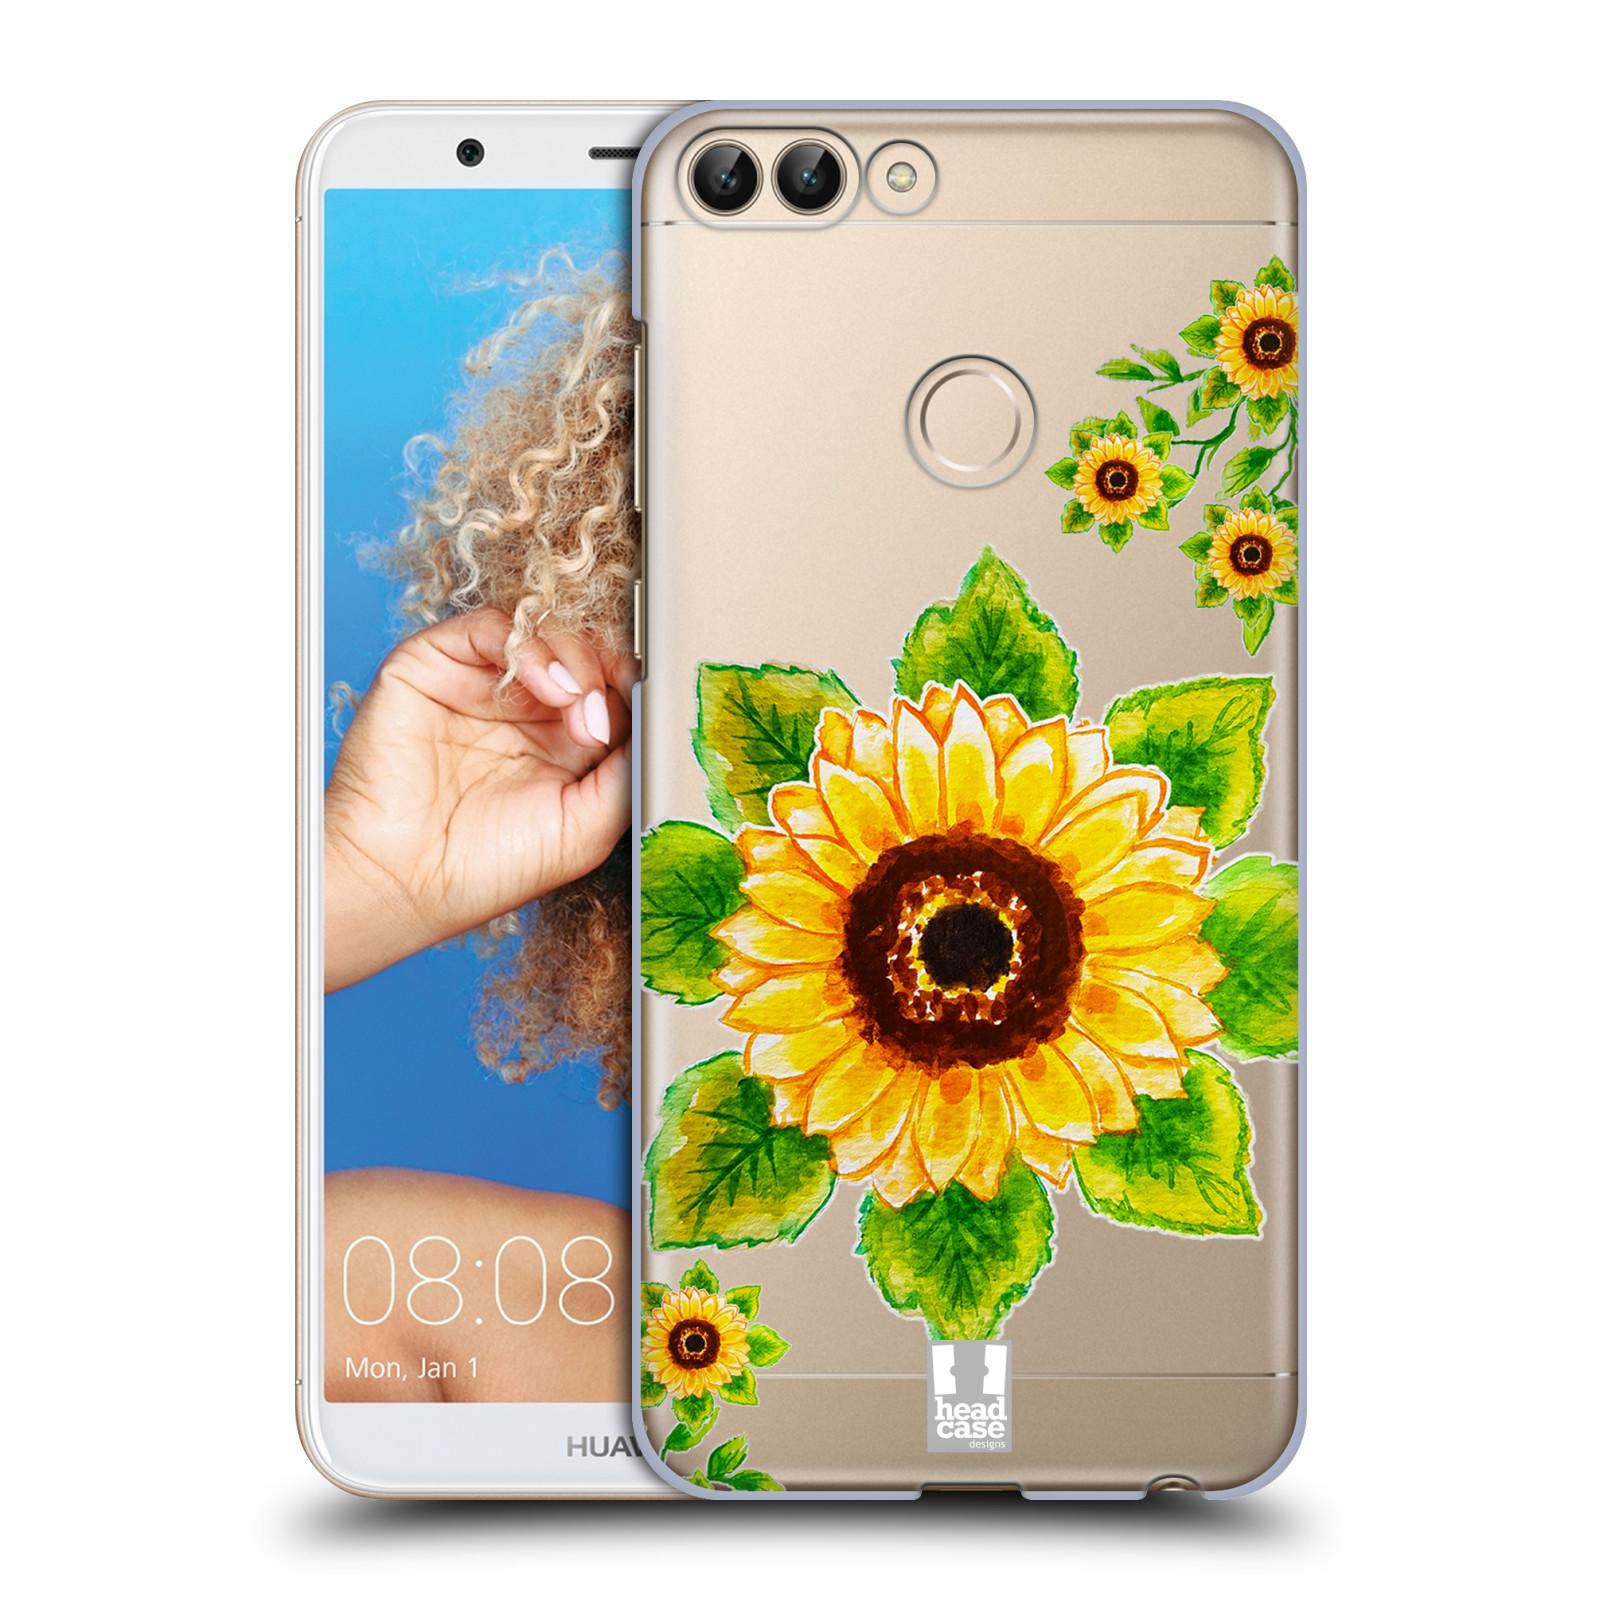 HEAD CASE plastový obal na mobil Huawei P Smart Květina Slunečnice vodní barvy